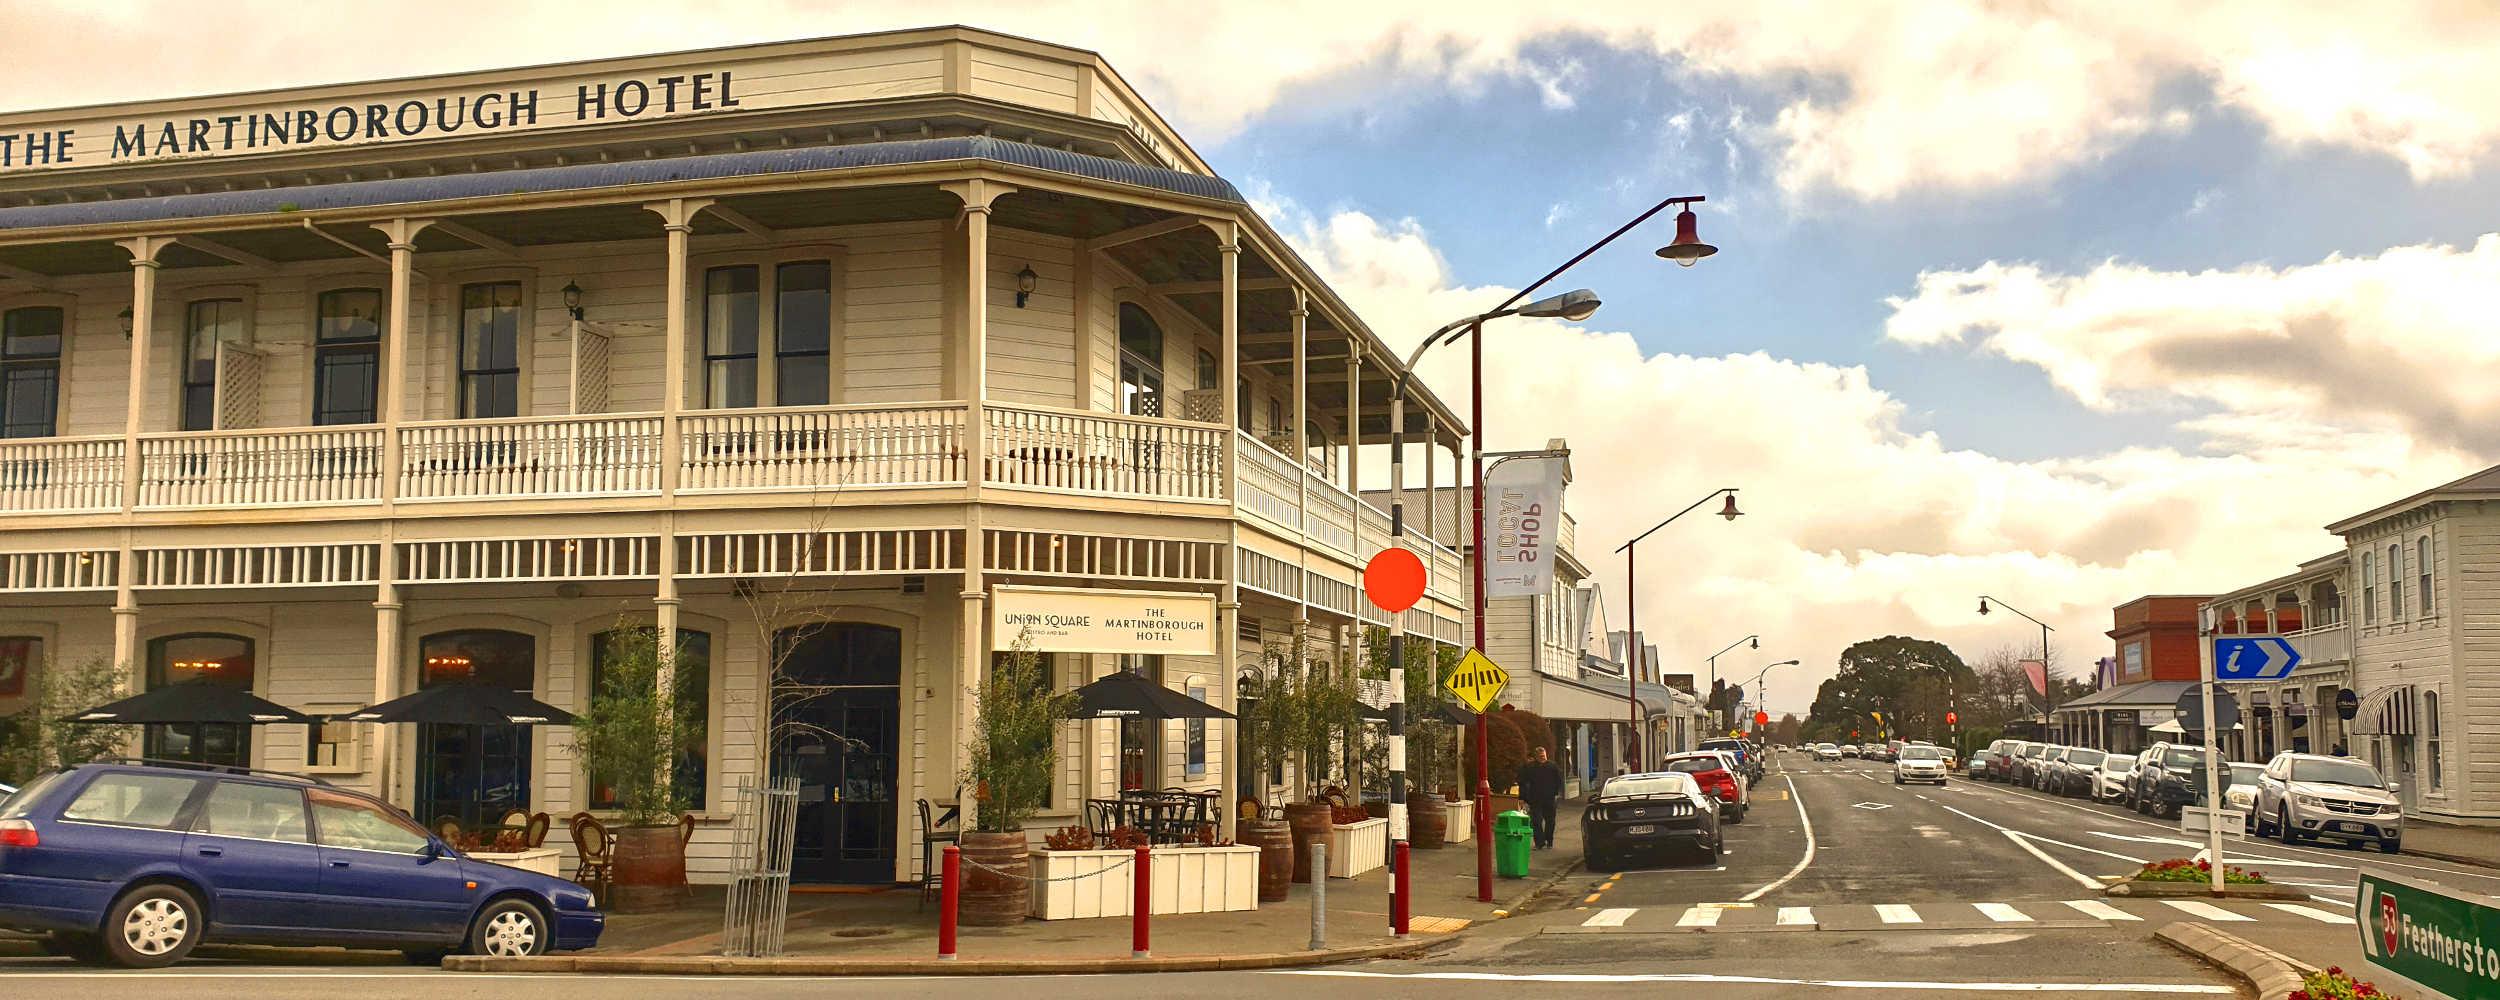 Martinborough Hotel and main street,New Zealand